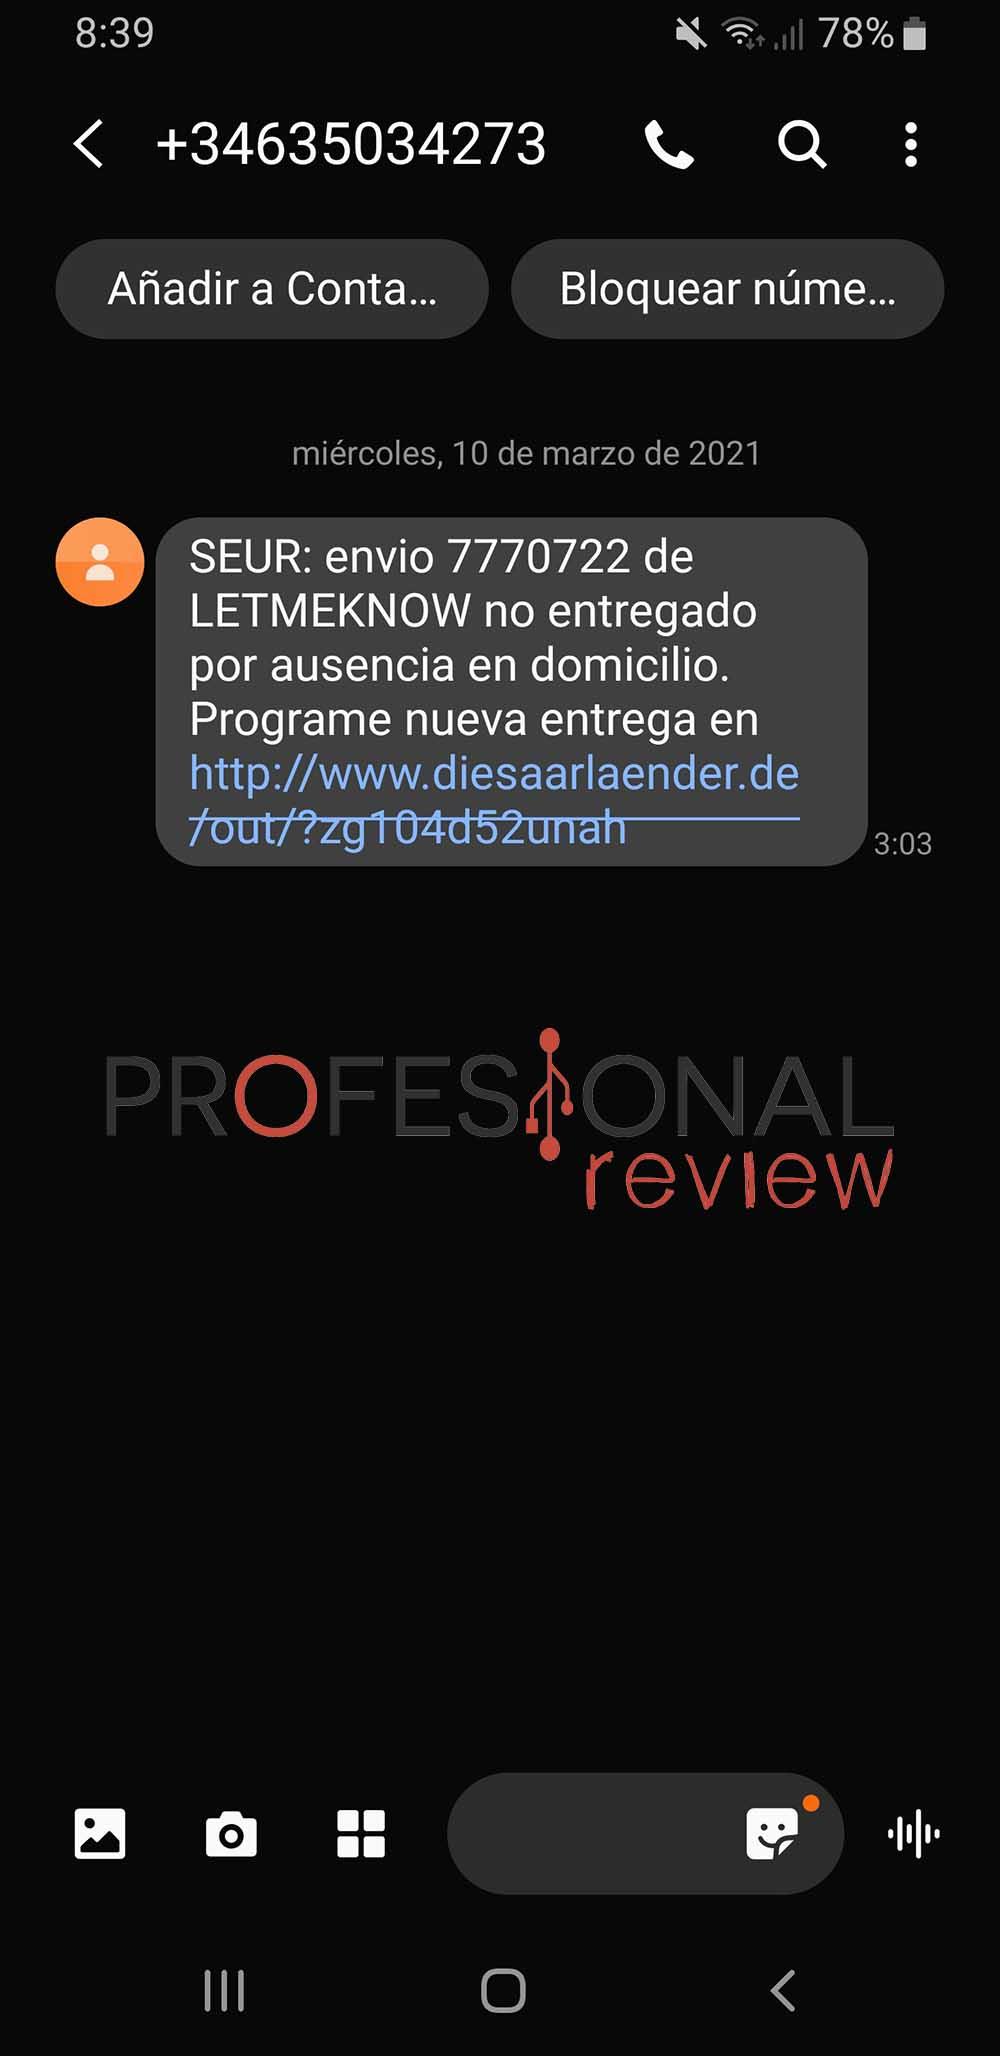 SMS SEUR falso